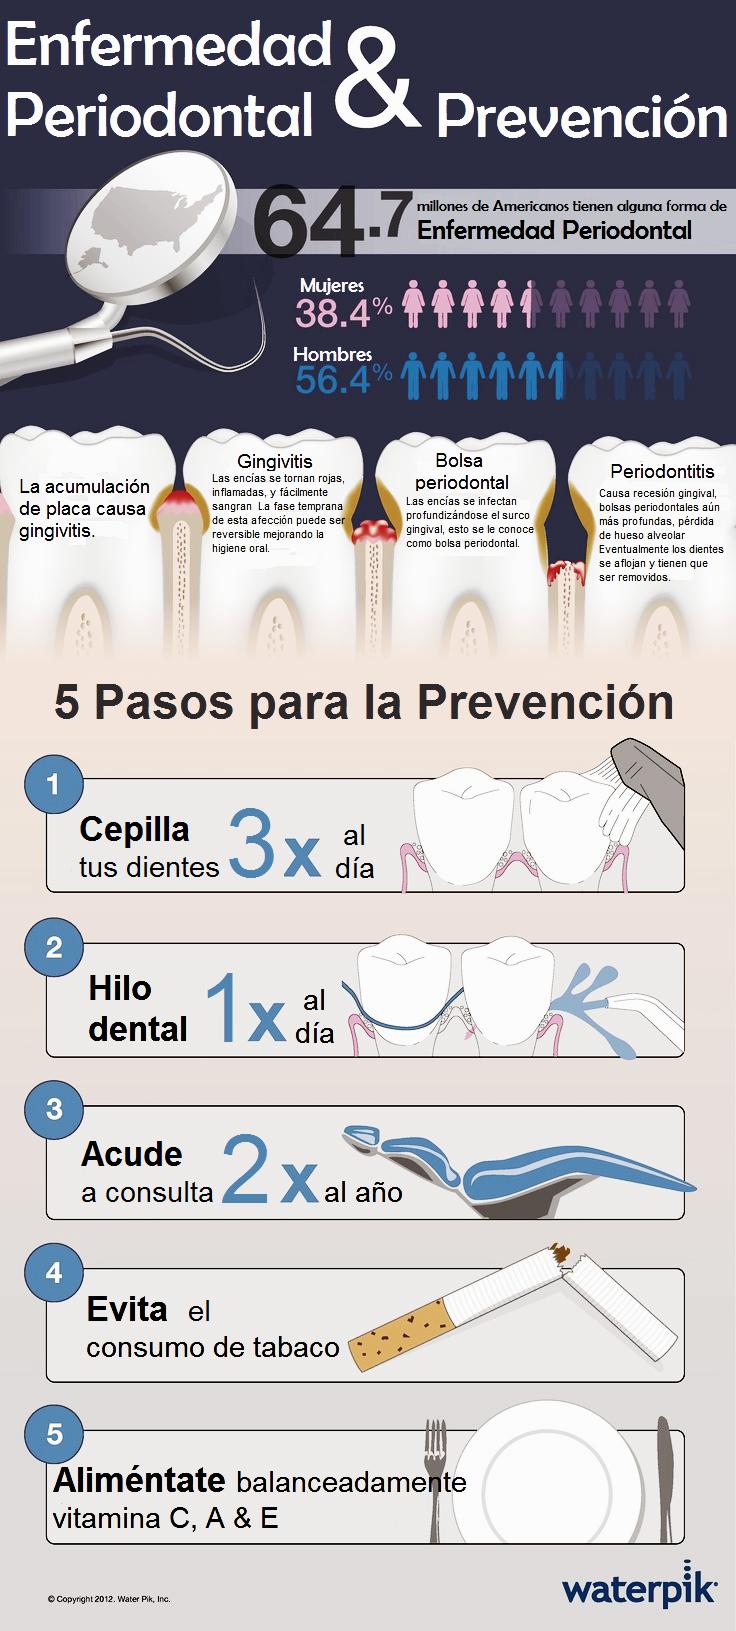 5 pasos para la prevención de la enfermedad periodontal